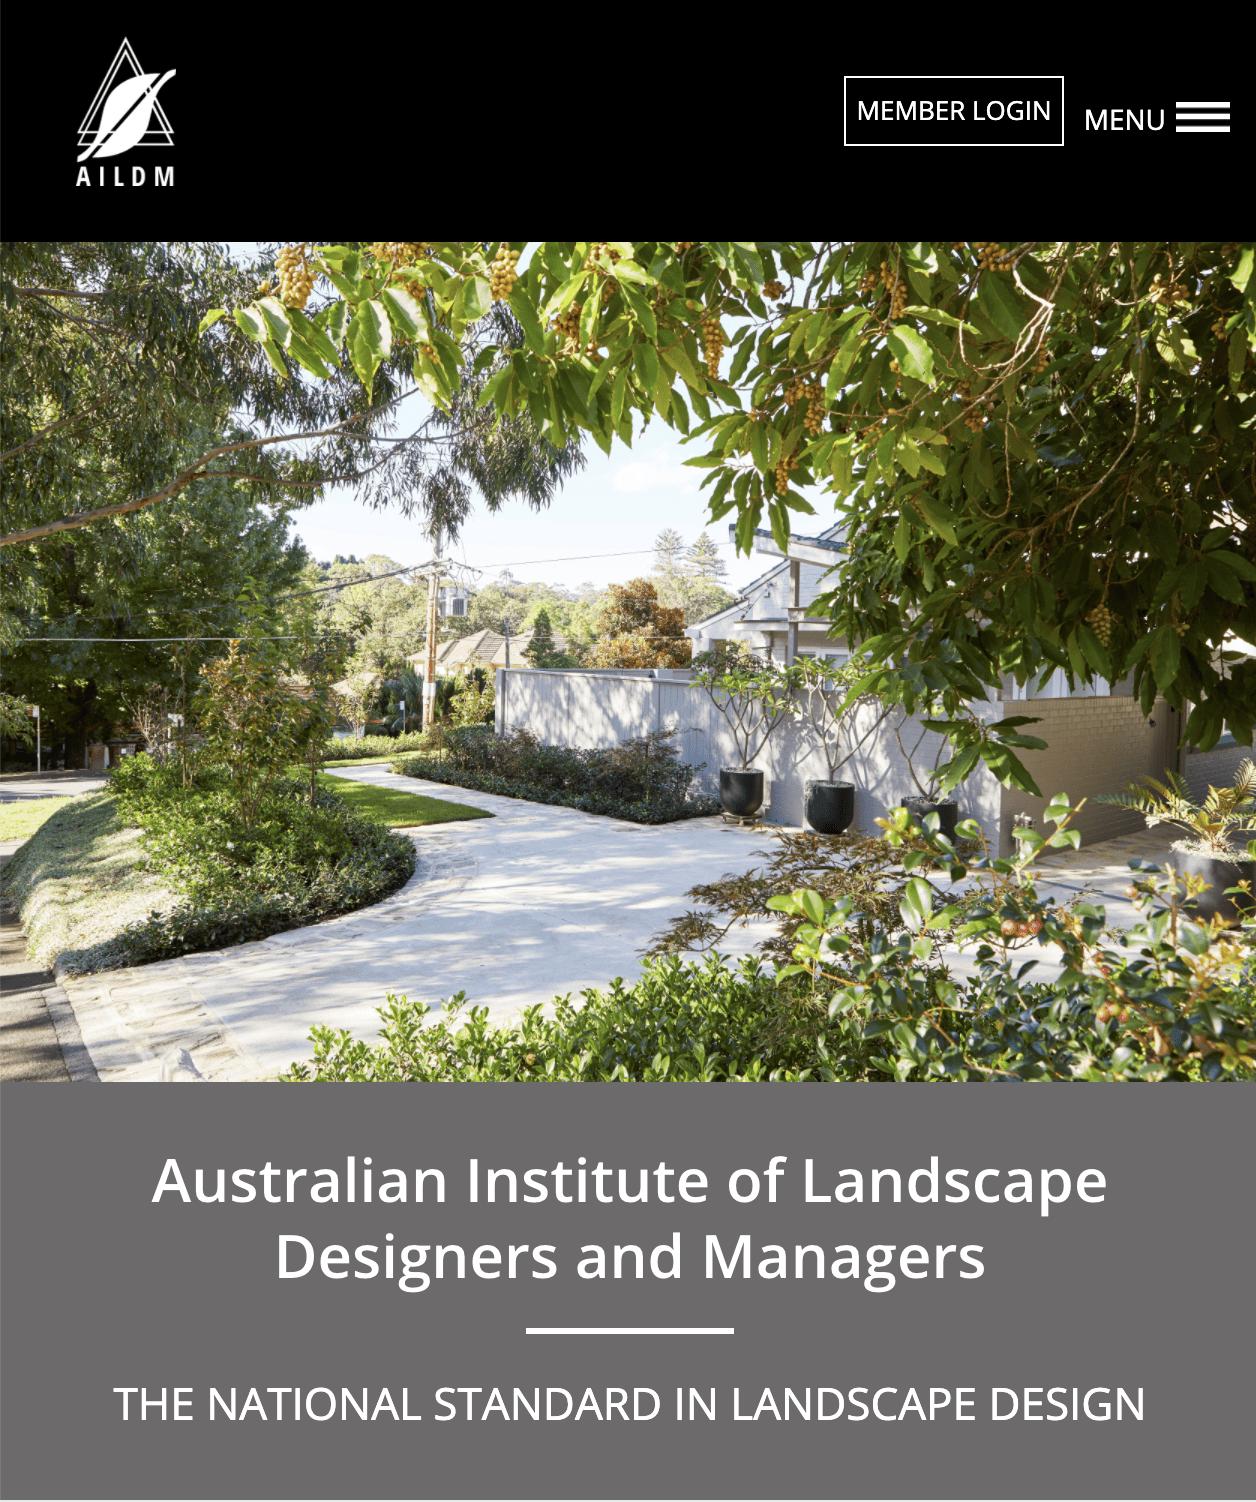 Landscape designers - Australian Institute of Landscape Designers & Managers landscaping